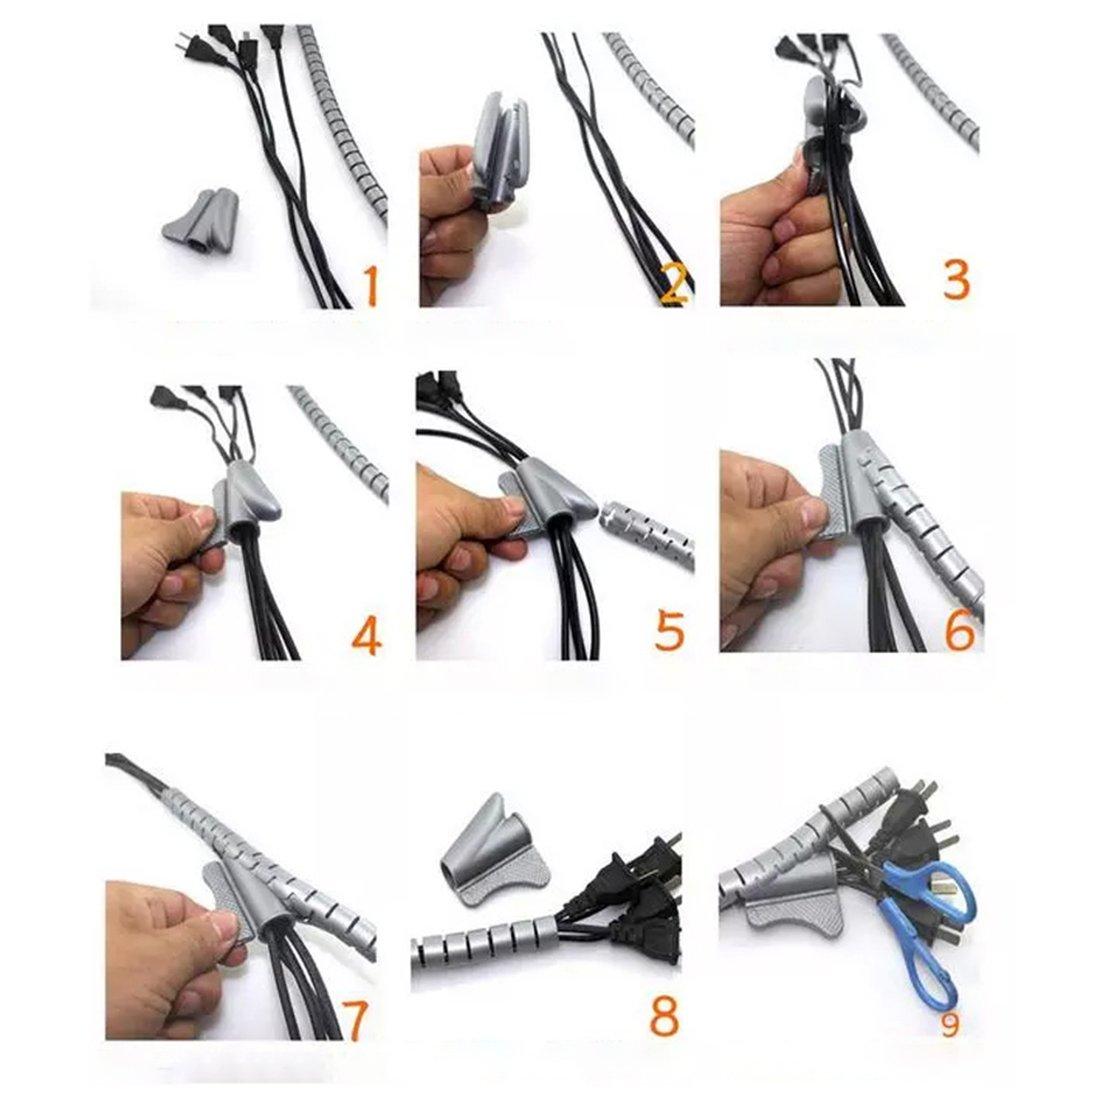 Schwarz 1.5M 10mm Flexibel Kabelspirale Spiralband Kabelschlauch Kabelschutz